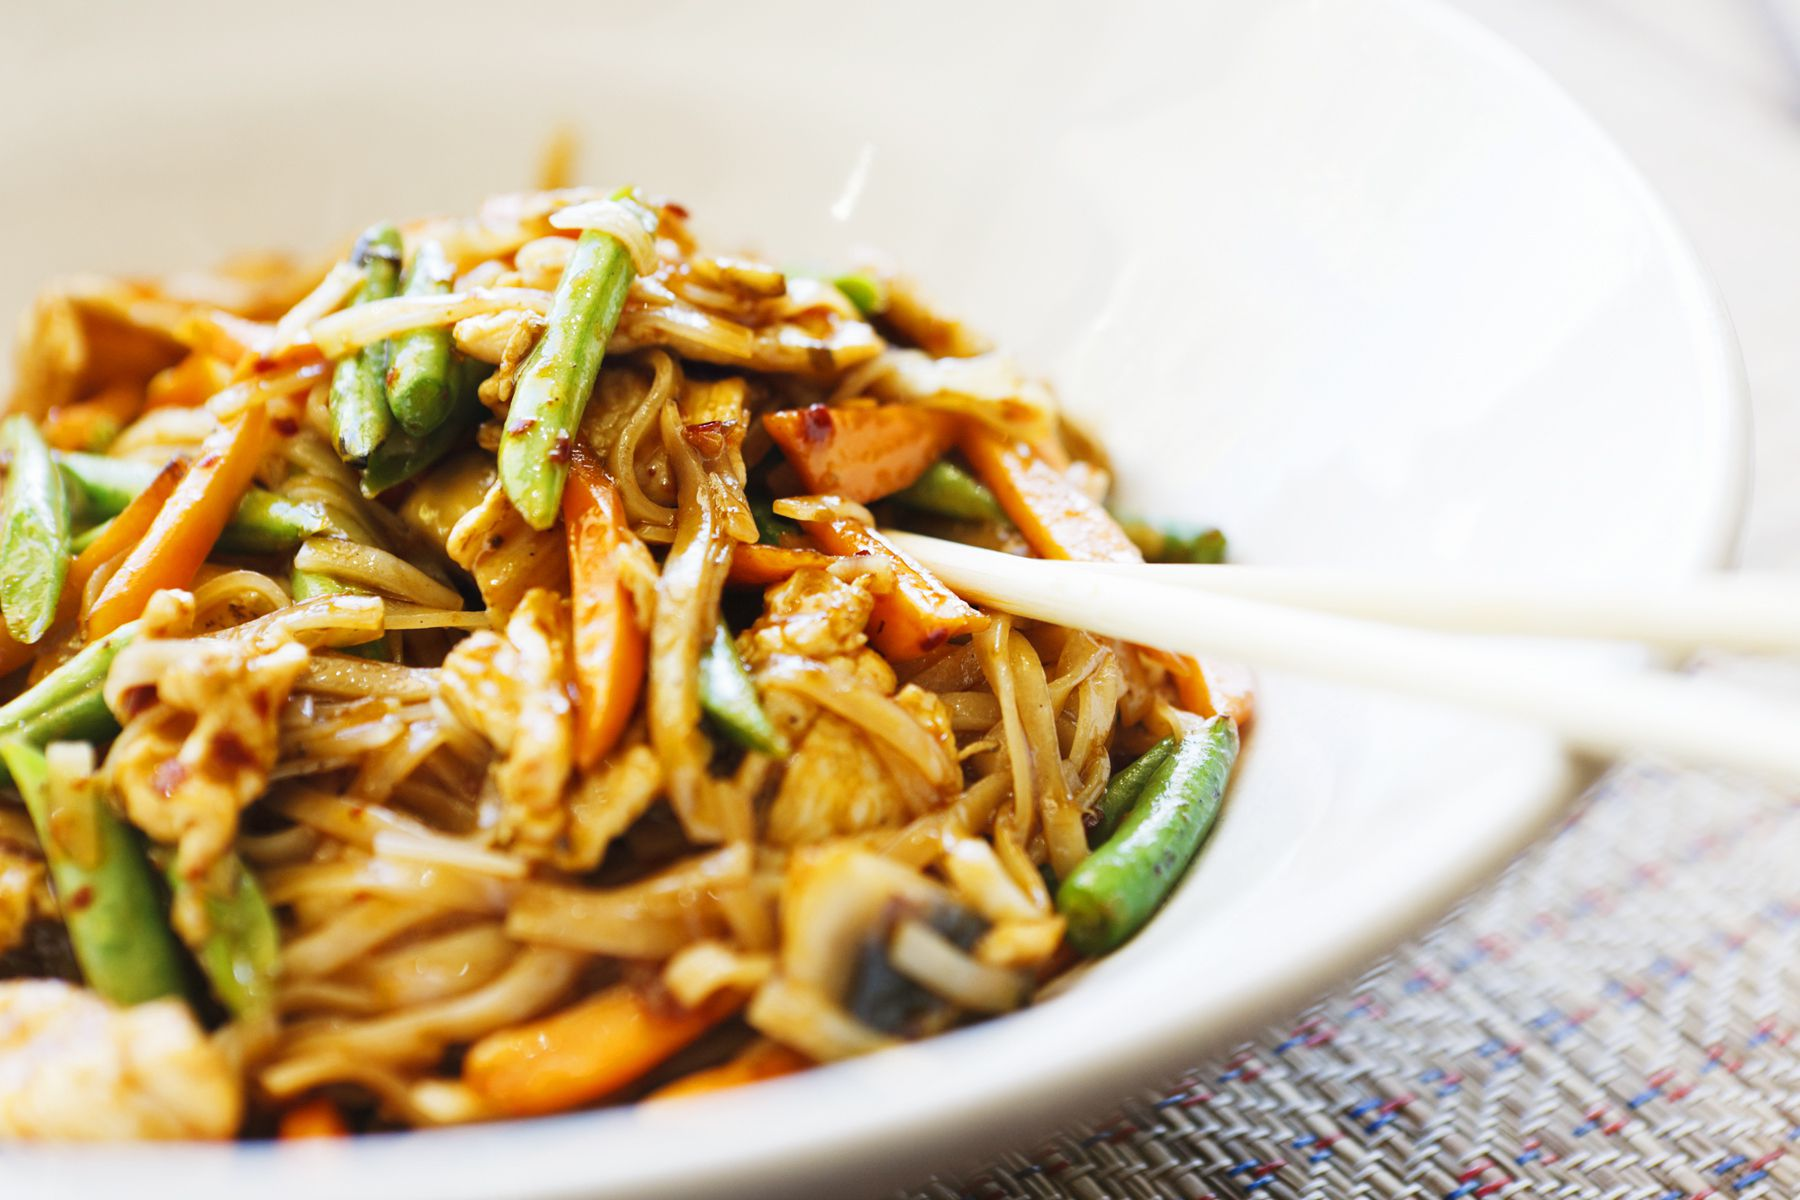 Thai Tamarind Chicken Stir Fry Recipe